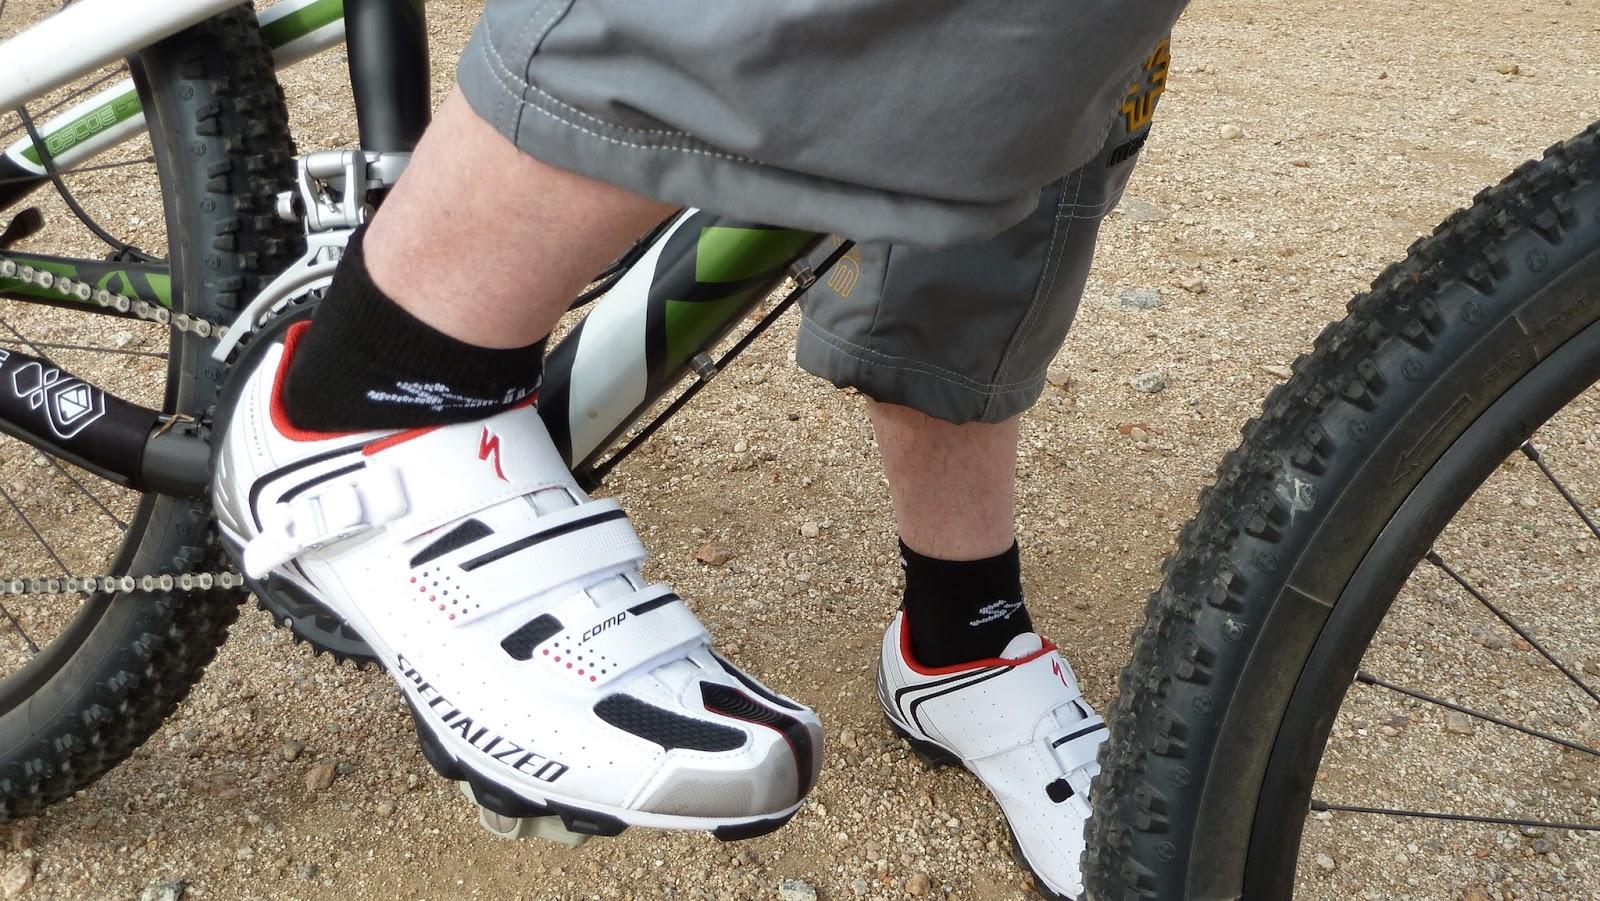 Consejos básicos a la hora de comprar zapatillas de ciclismo